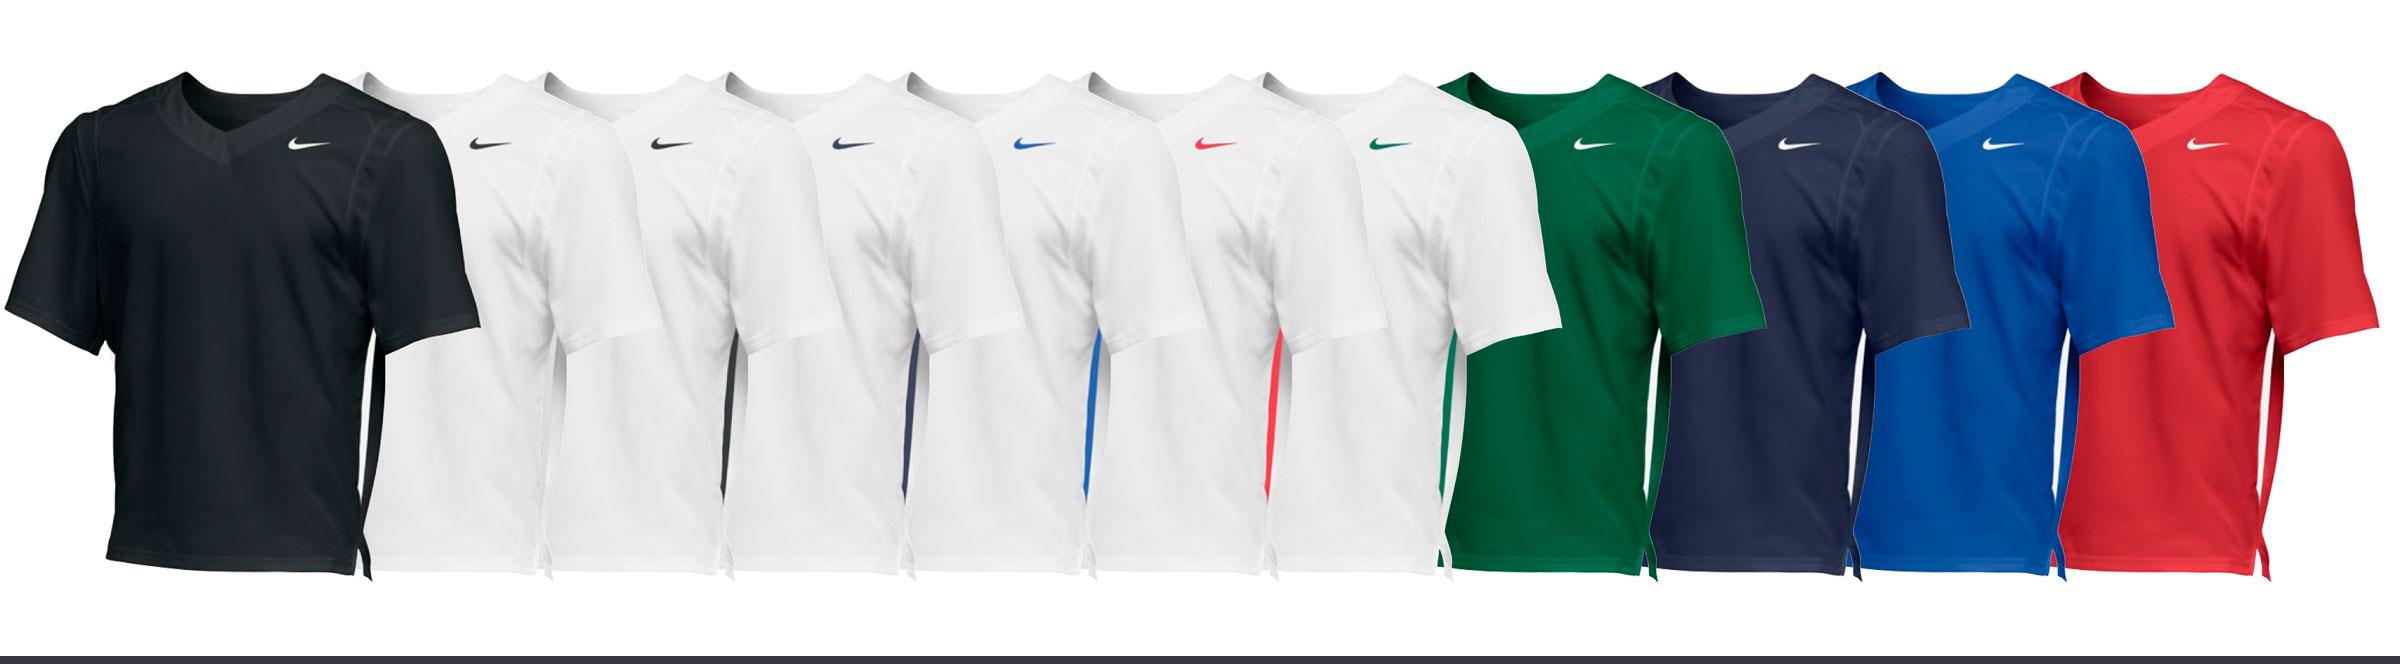 Custom Nike Untouchable Speed Lacrosse Jerseys